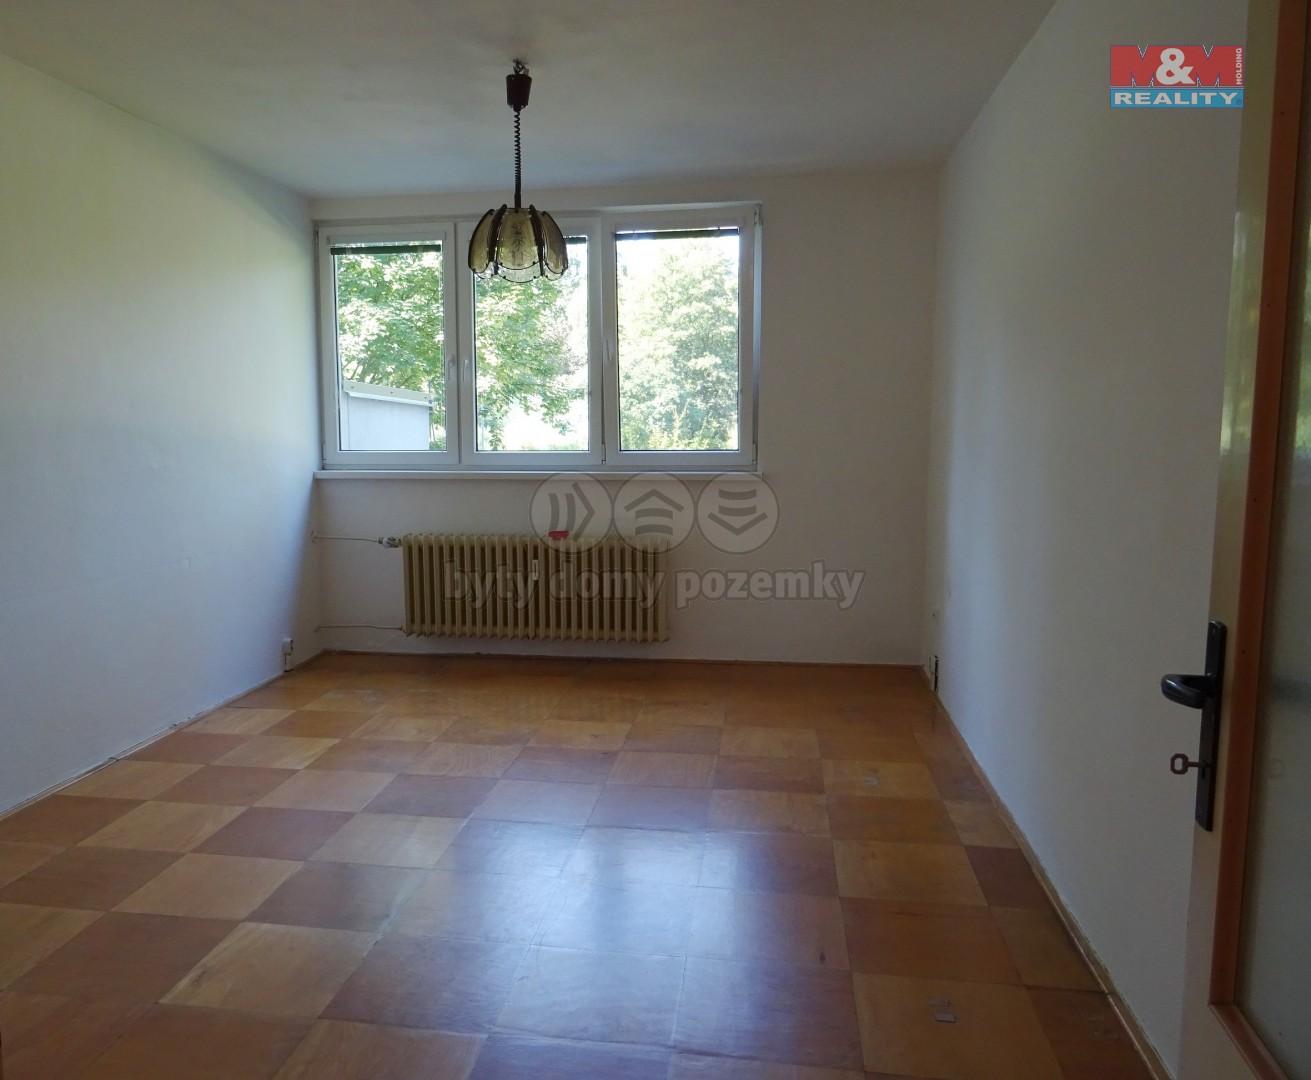 Prodej, byt 4+1, Frýdek - Místek, ul. M. Majerové